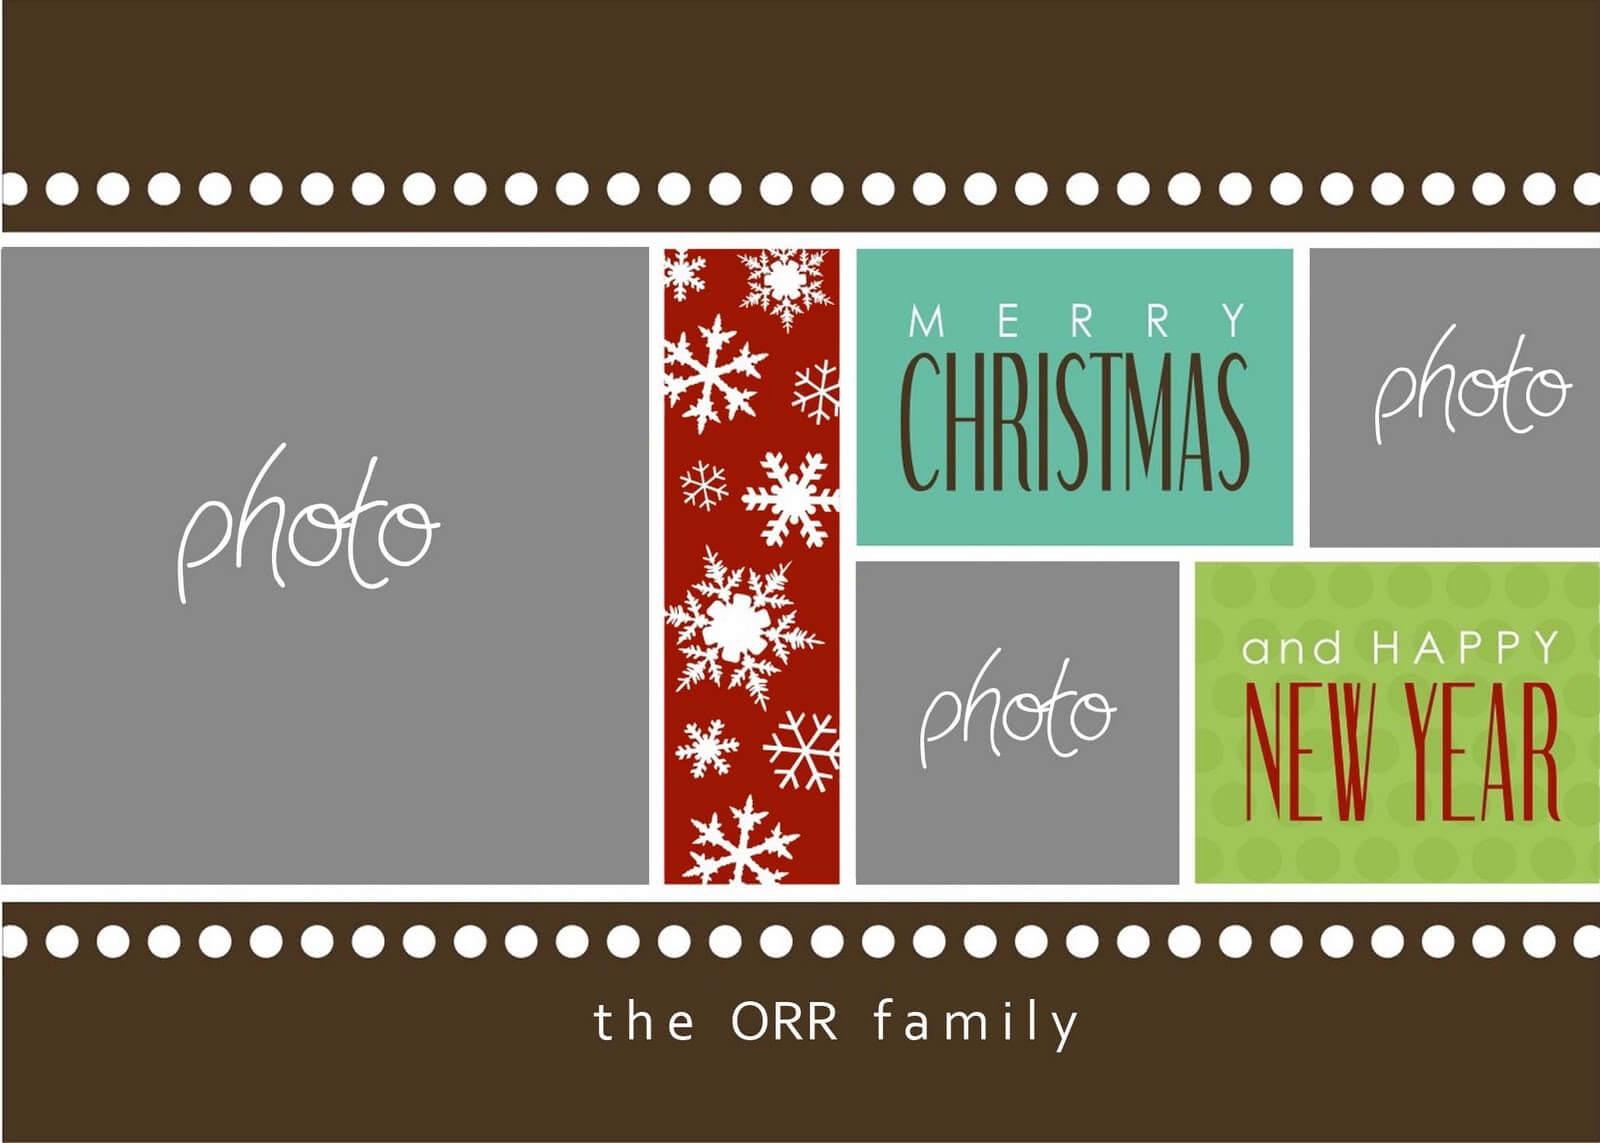 Christmas Cards Templates Photoshop ] - Christmas Card In Christmas Photo Card Templates Photoshop